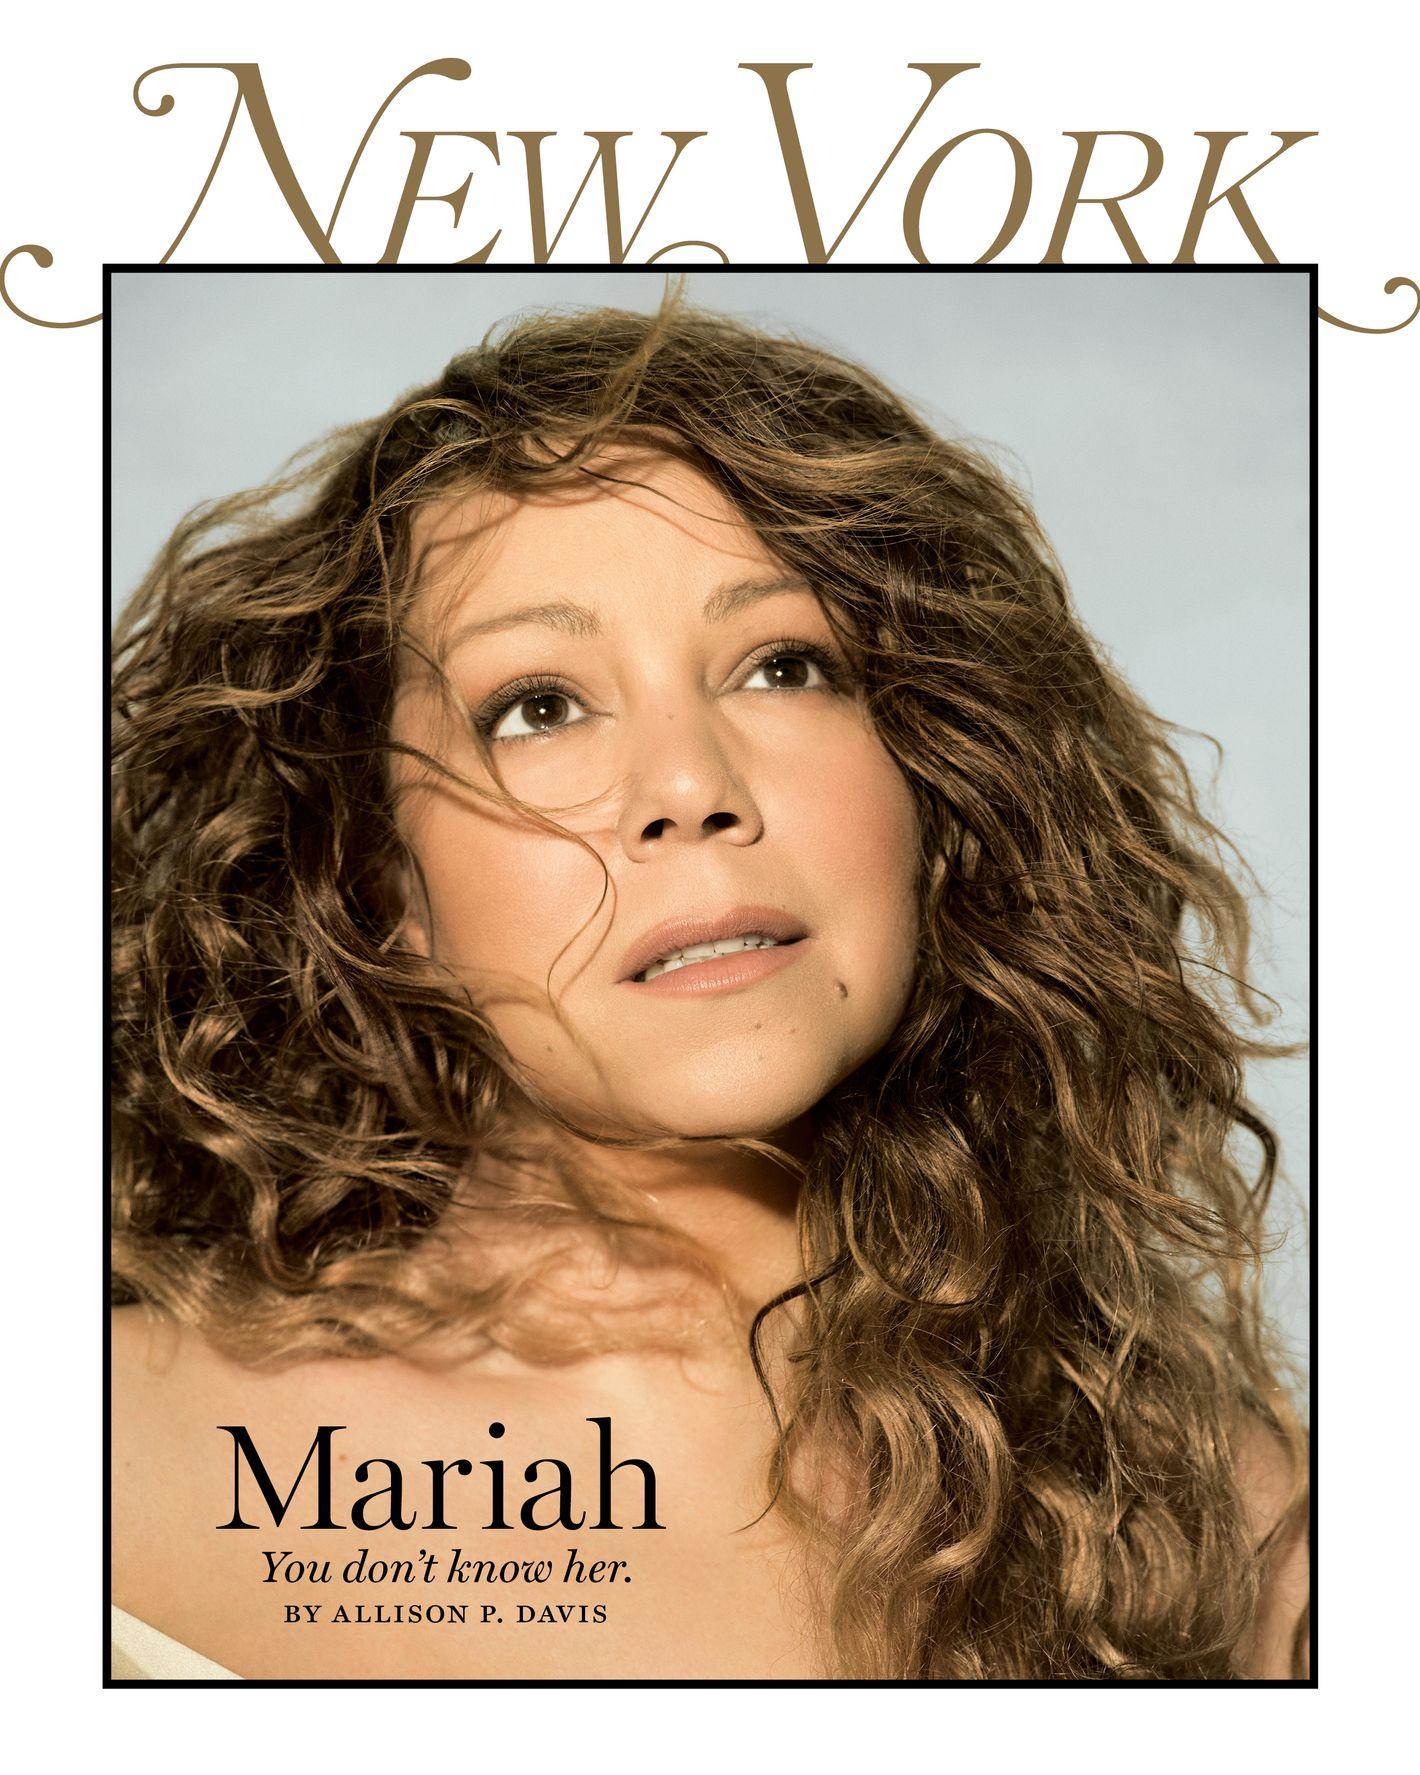 594cadbfb68d06ffdf7940f6a026c4aef3-issue-18-social-cover.2x.w710.jpg